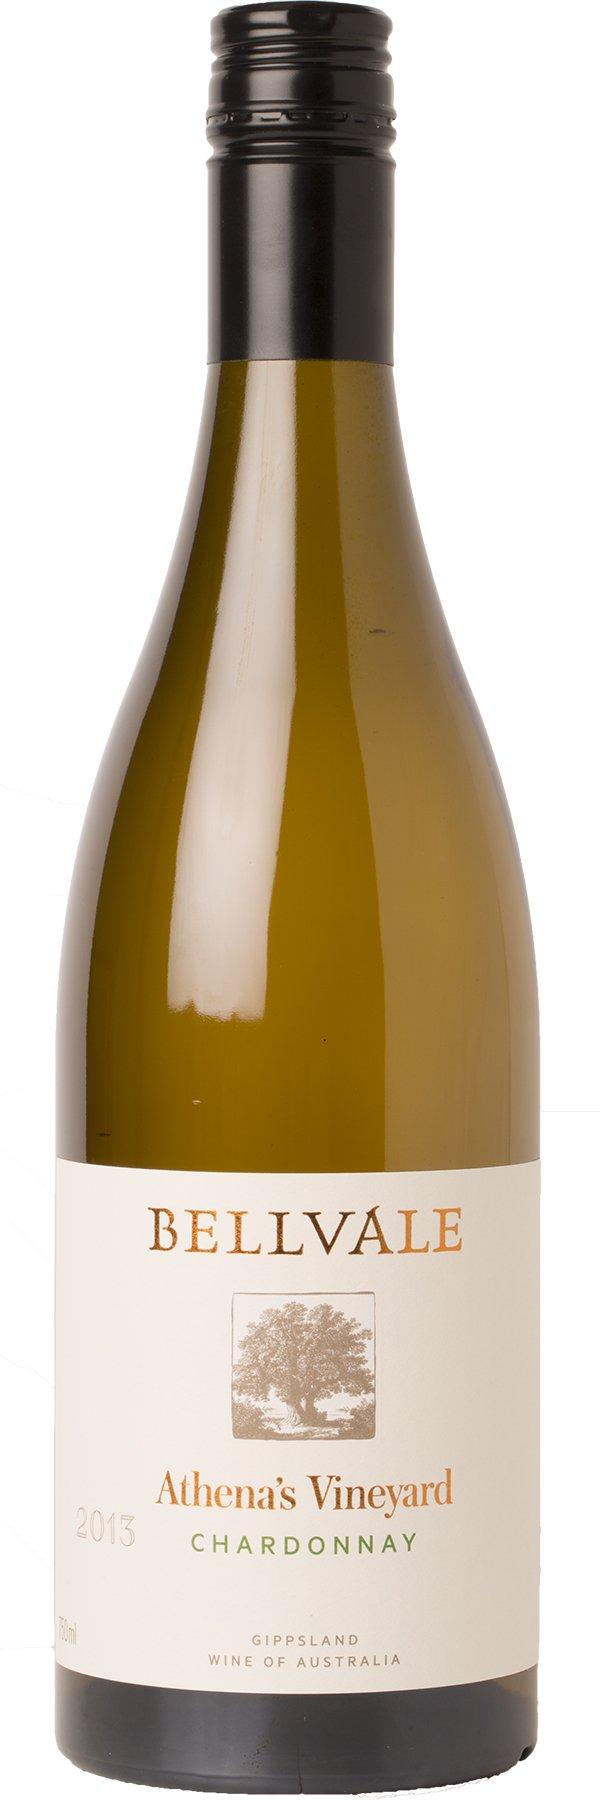 Bellvale 'Athena's Vineyard' Chardonnay 2017-0